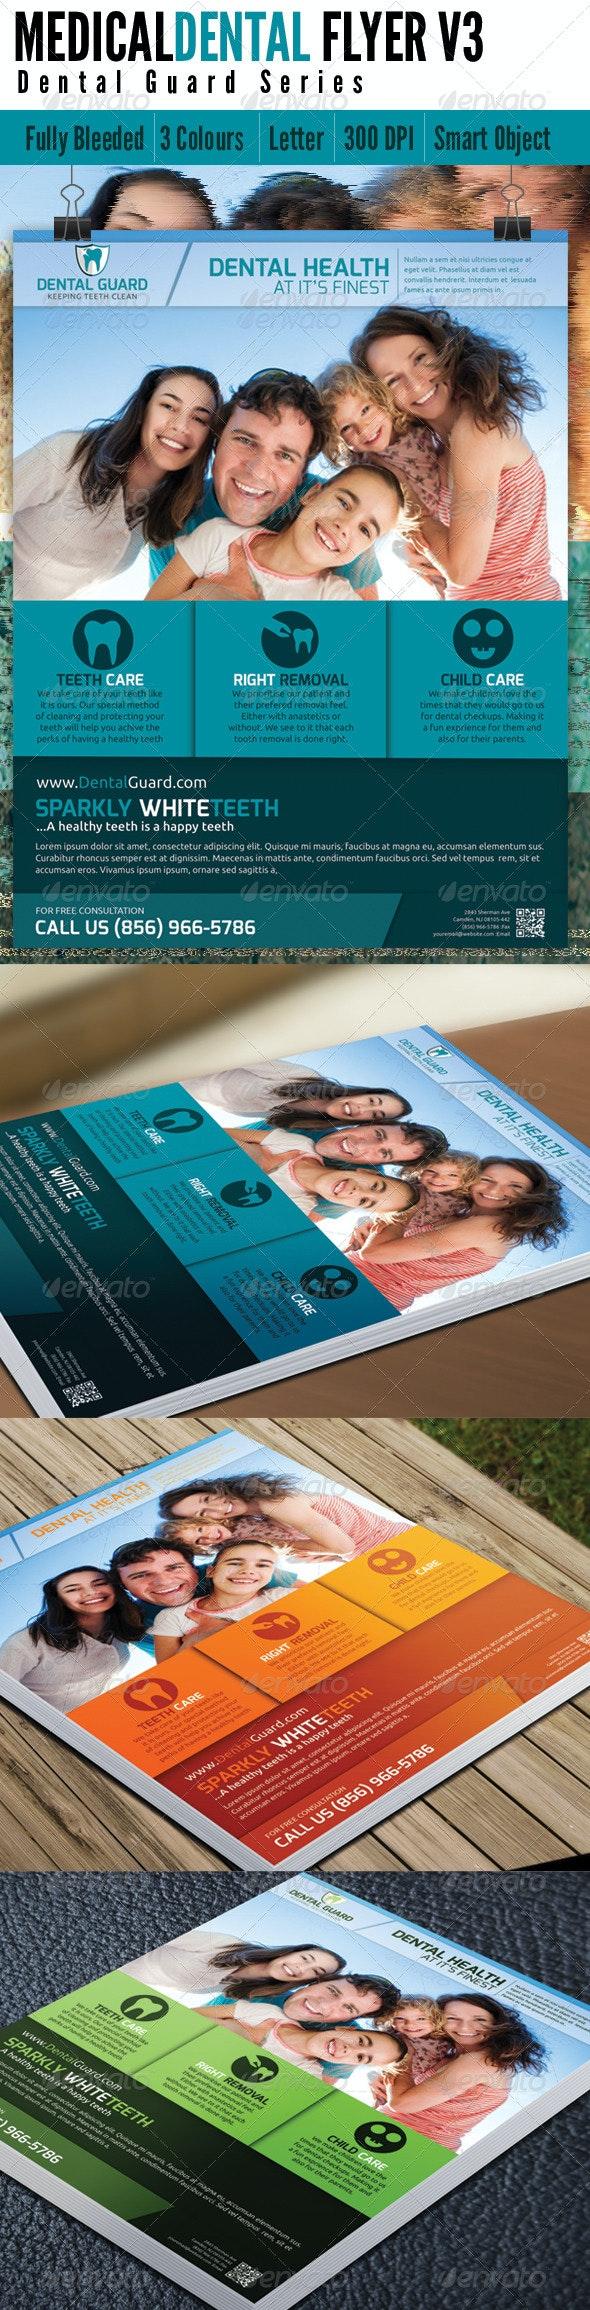 Medical Dental Flyer v3 - Corporate Flyers